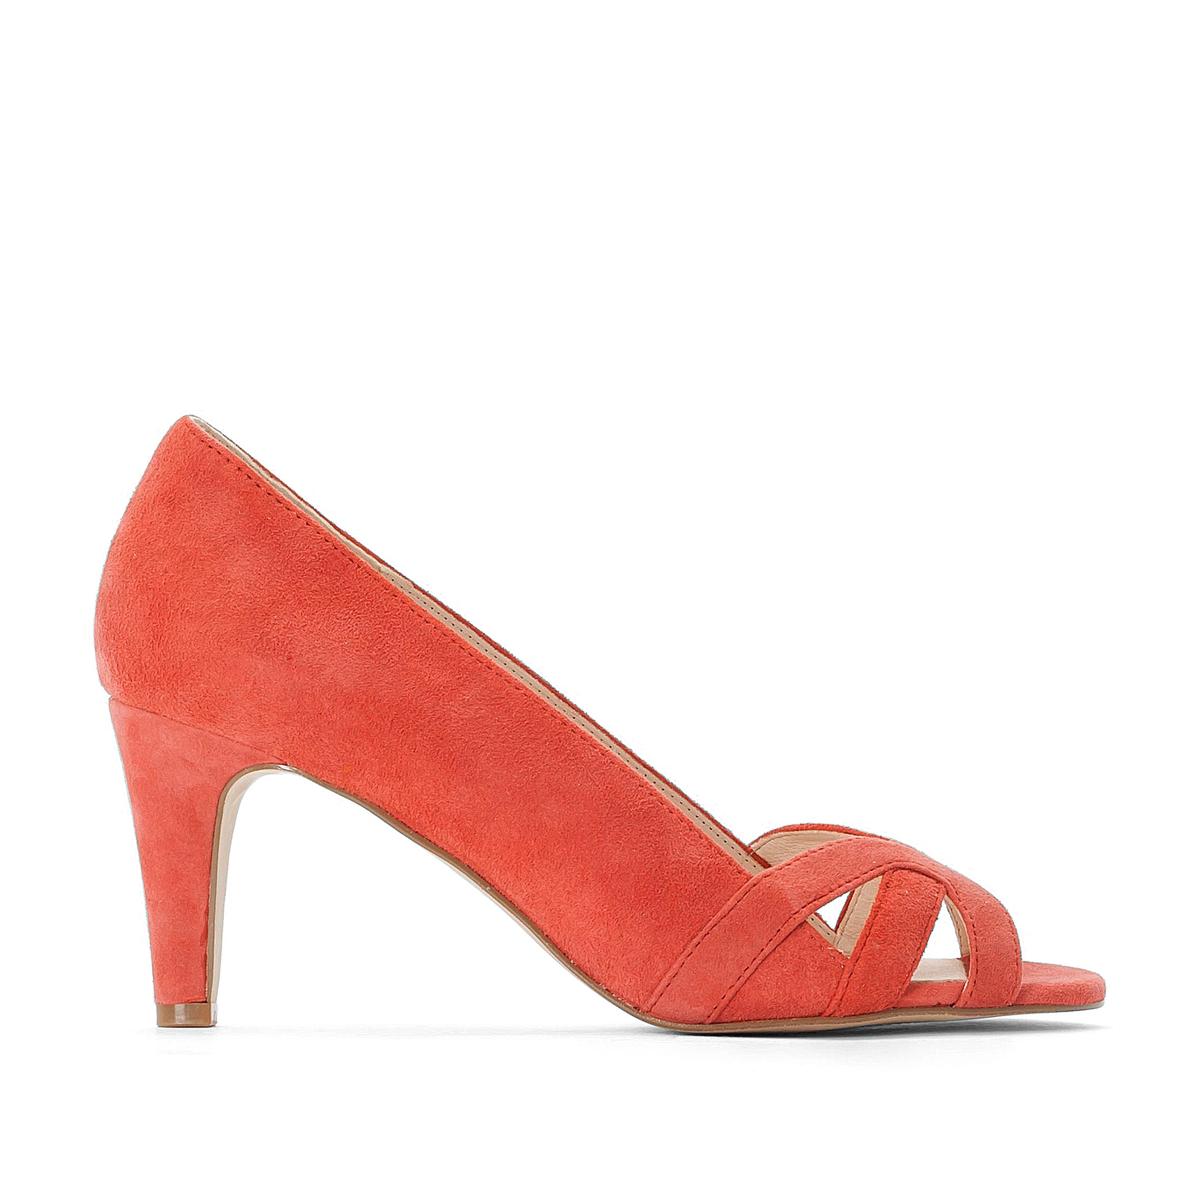 Туфли La Redoute Кожаные с открытым мыском 35 оранжевый туфли la redoute кожаные с открытым мыском и деталями золотистого цвета 41 черный